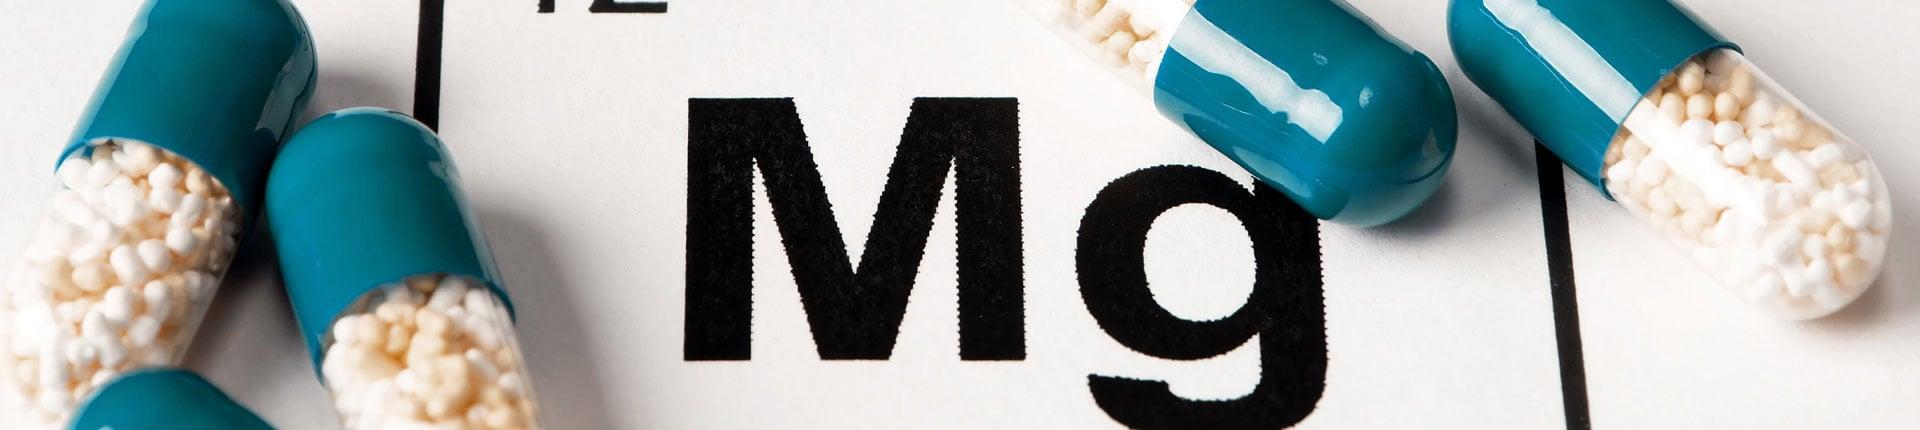 Najlepszy magnez - jaki preparat z magnezem wybrać?